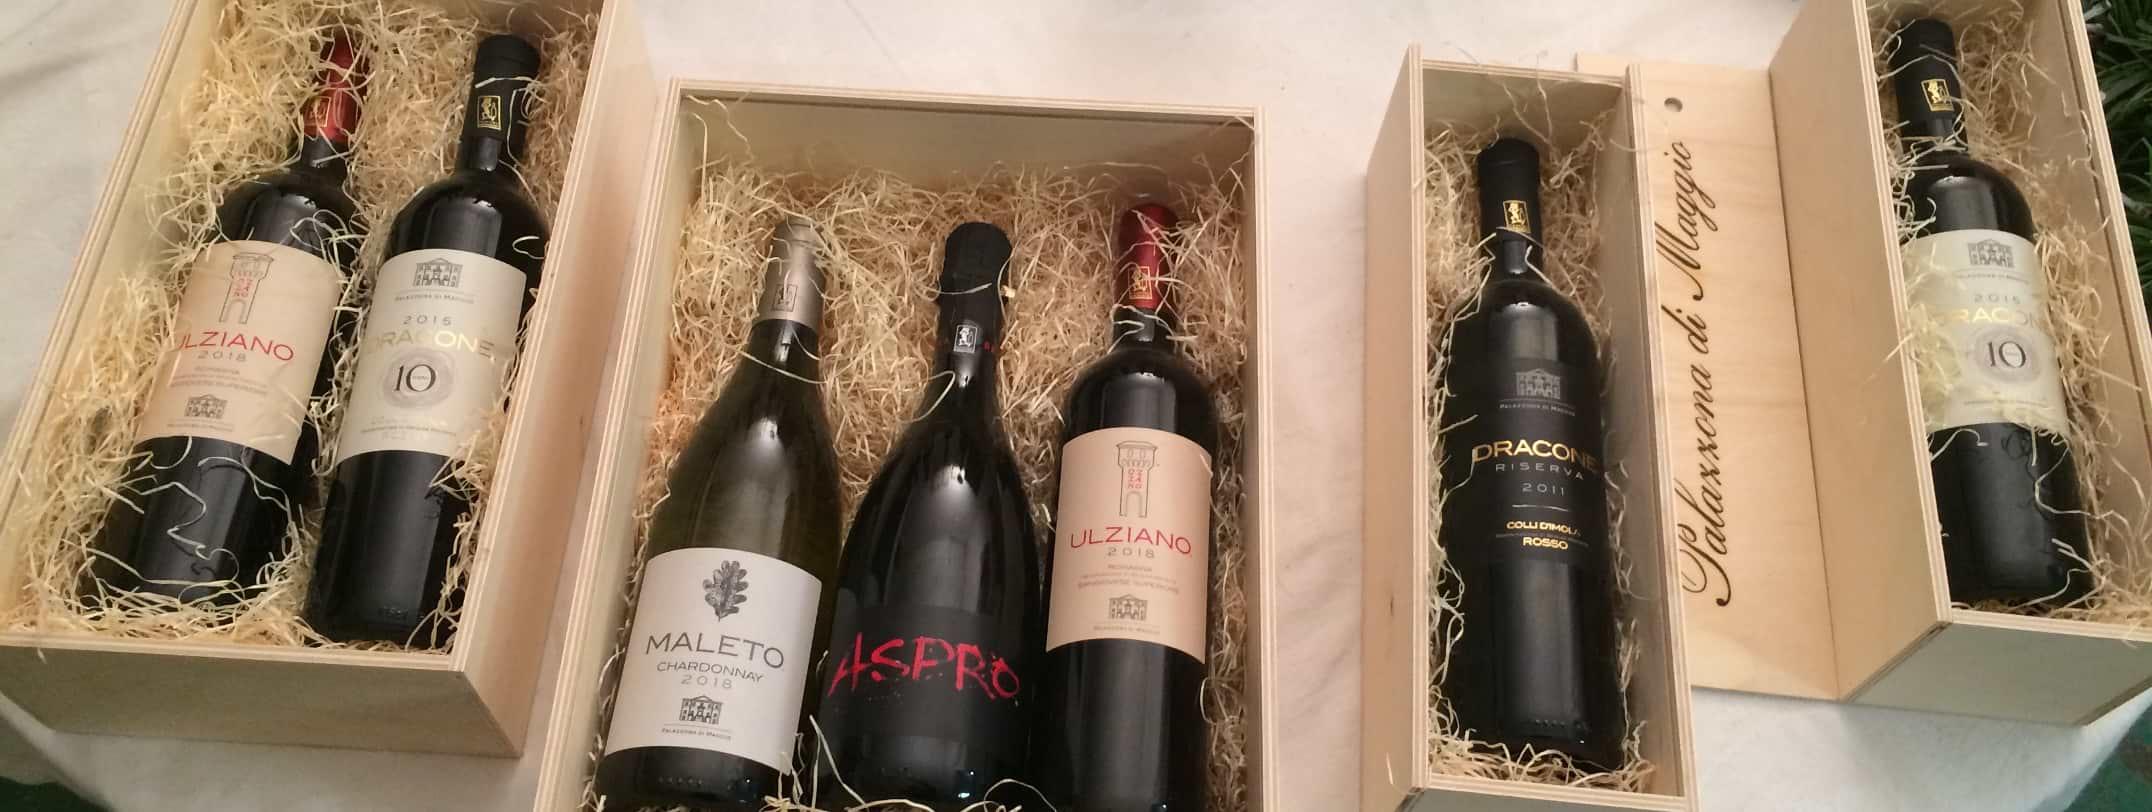 etichette vini palazzona di maggio